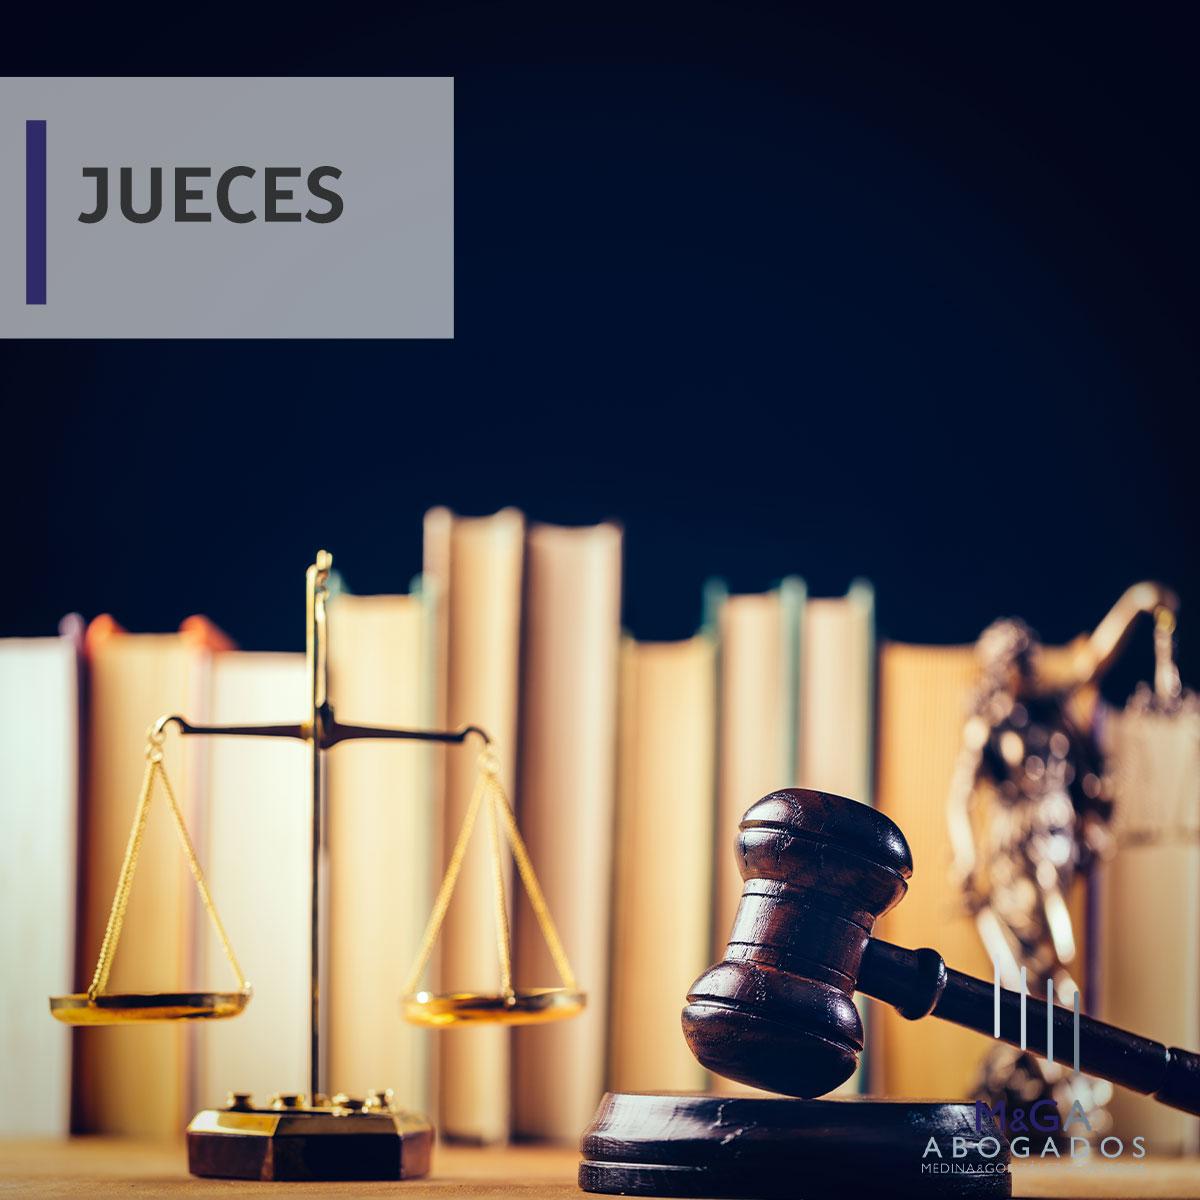 Así son los límites de los jueces para poder colaborar en los medios